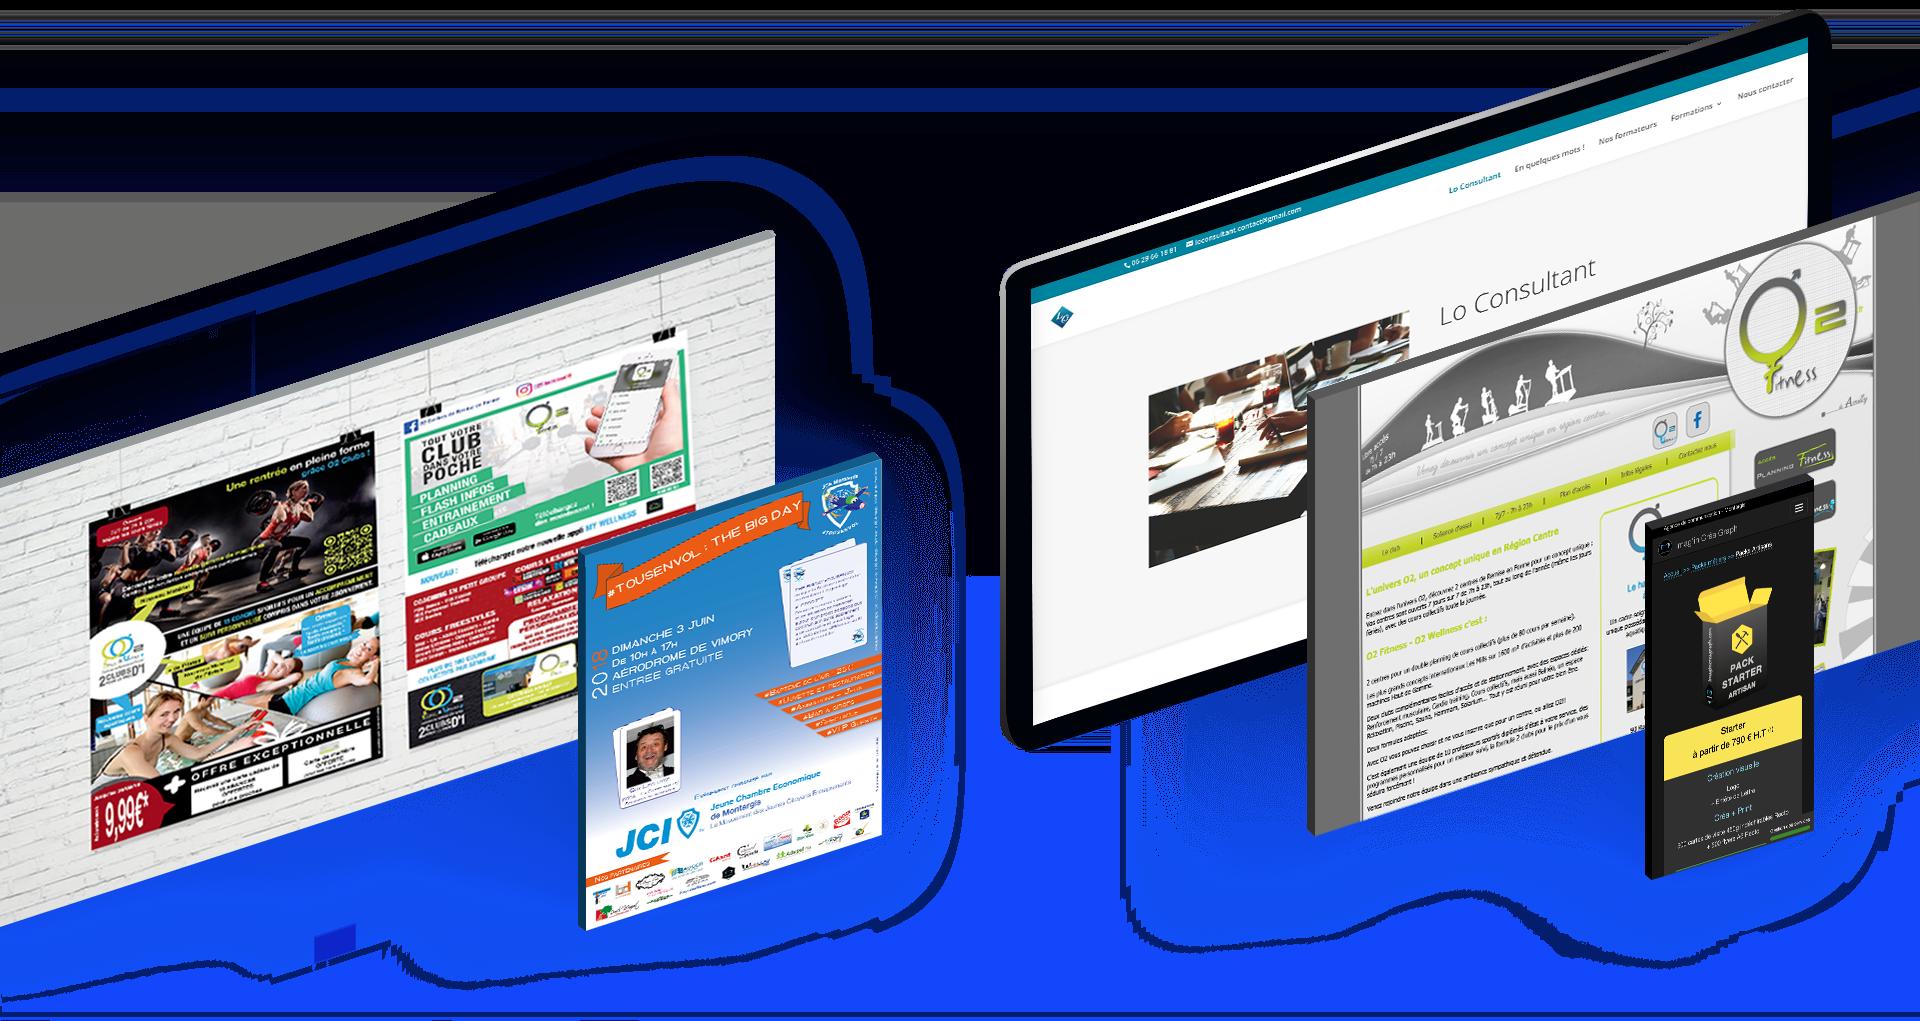 Présentation de quelques créations de site internet, affiches, flyers, campagne de publicité